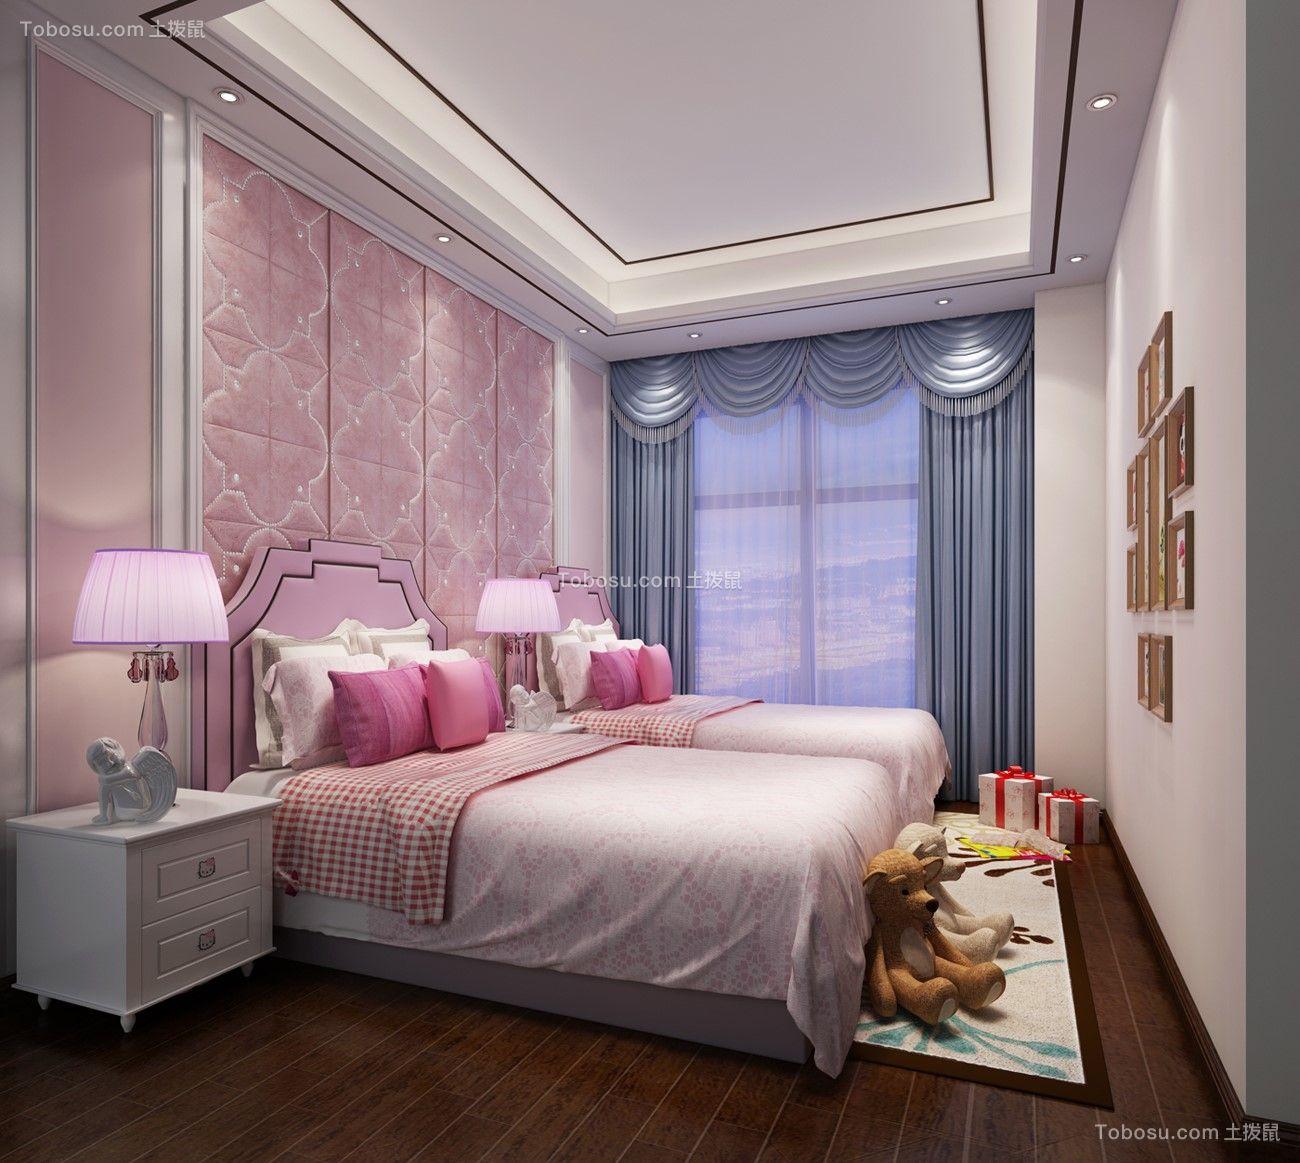 2019新中式儿童房装饰设计 2019新中式照片墙装修效果图大全